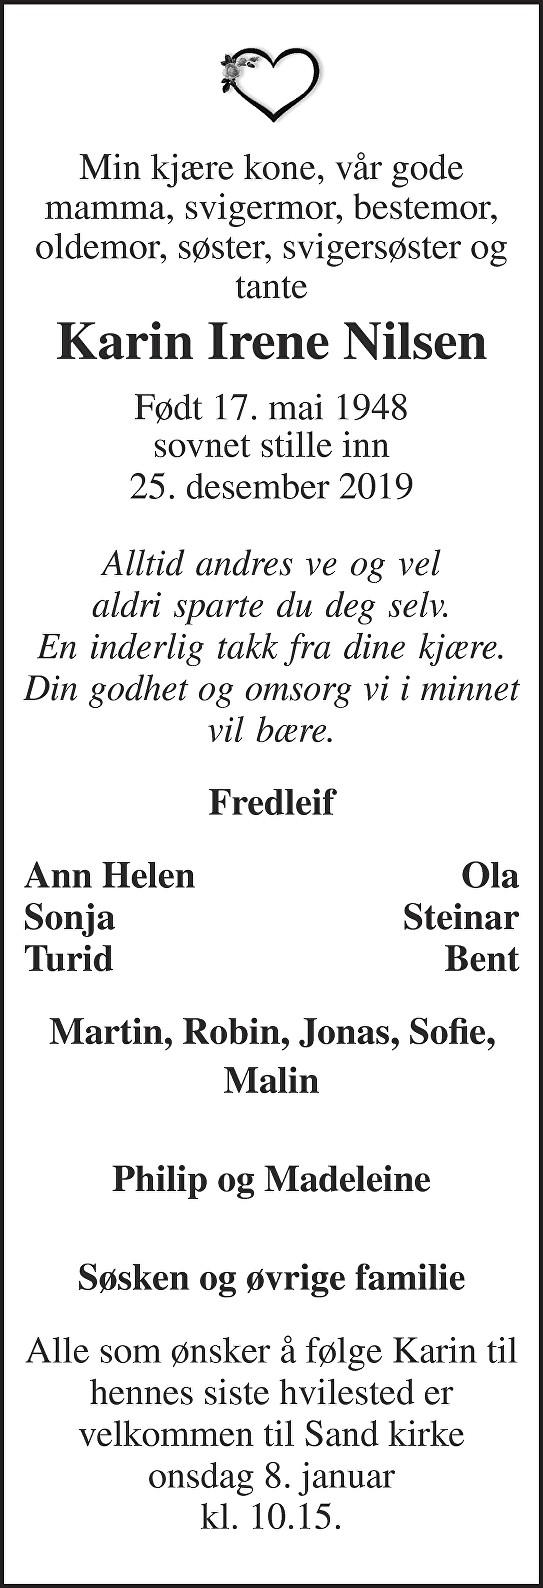 Karin Irene Nilsen Dødsannonse